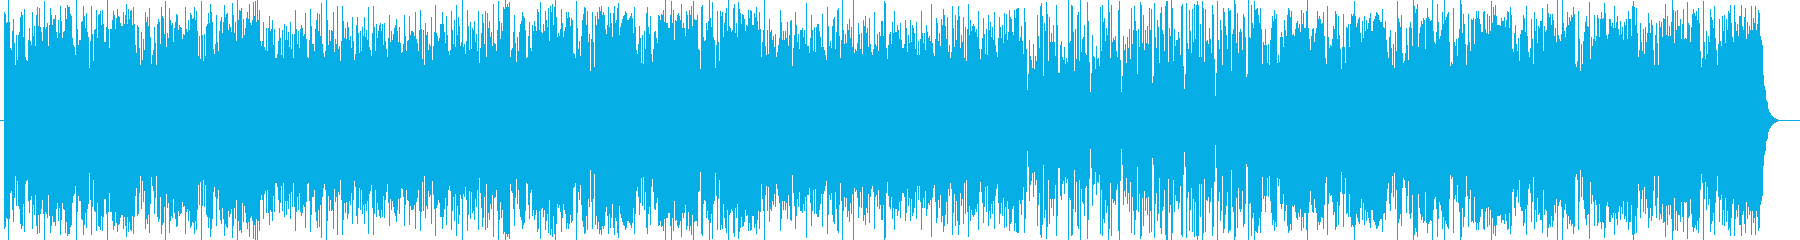 インパクトあるアップテンポな曲の再生済みの波形